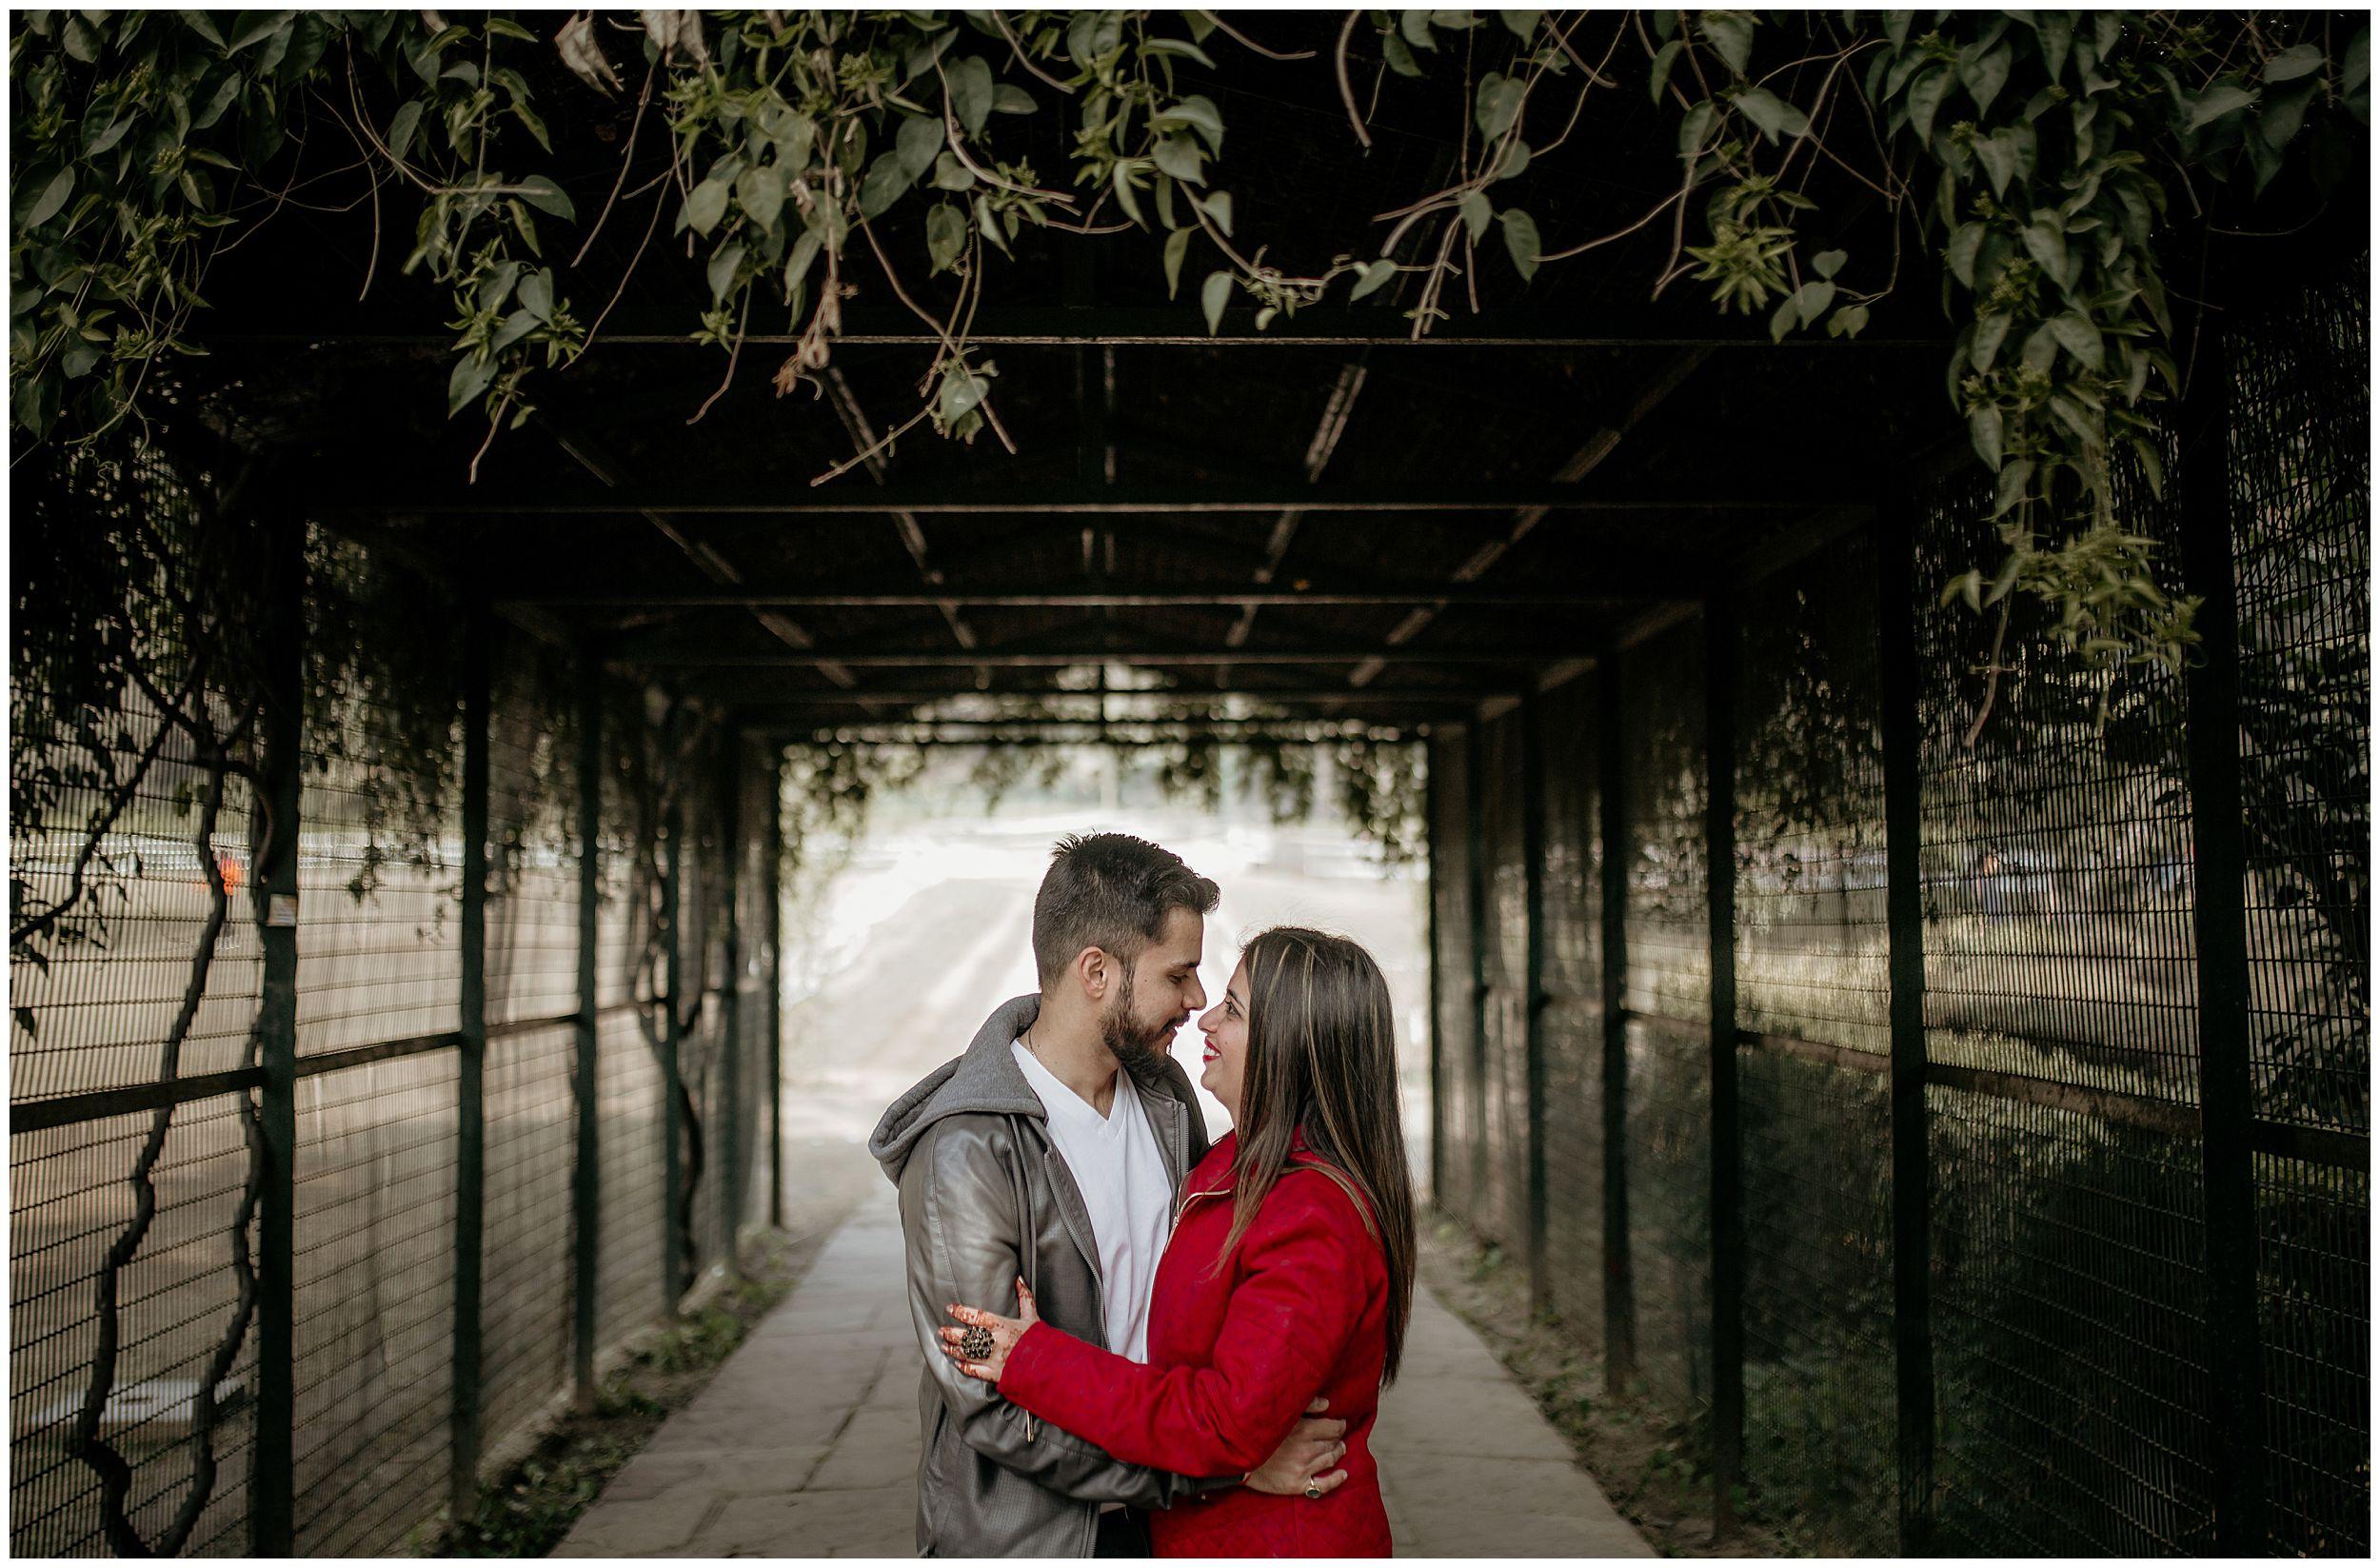 RABBYA_SHARAD_MYVISUALARTISTRY_WEDDING_PHOTOGRAPHY_MVA_DELHI11.jpg